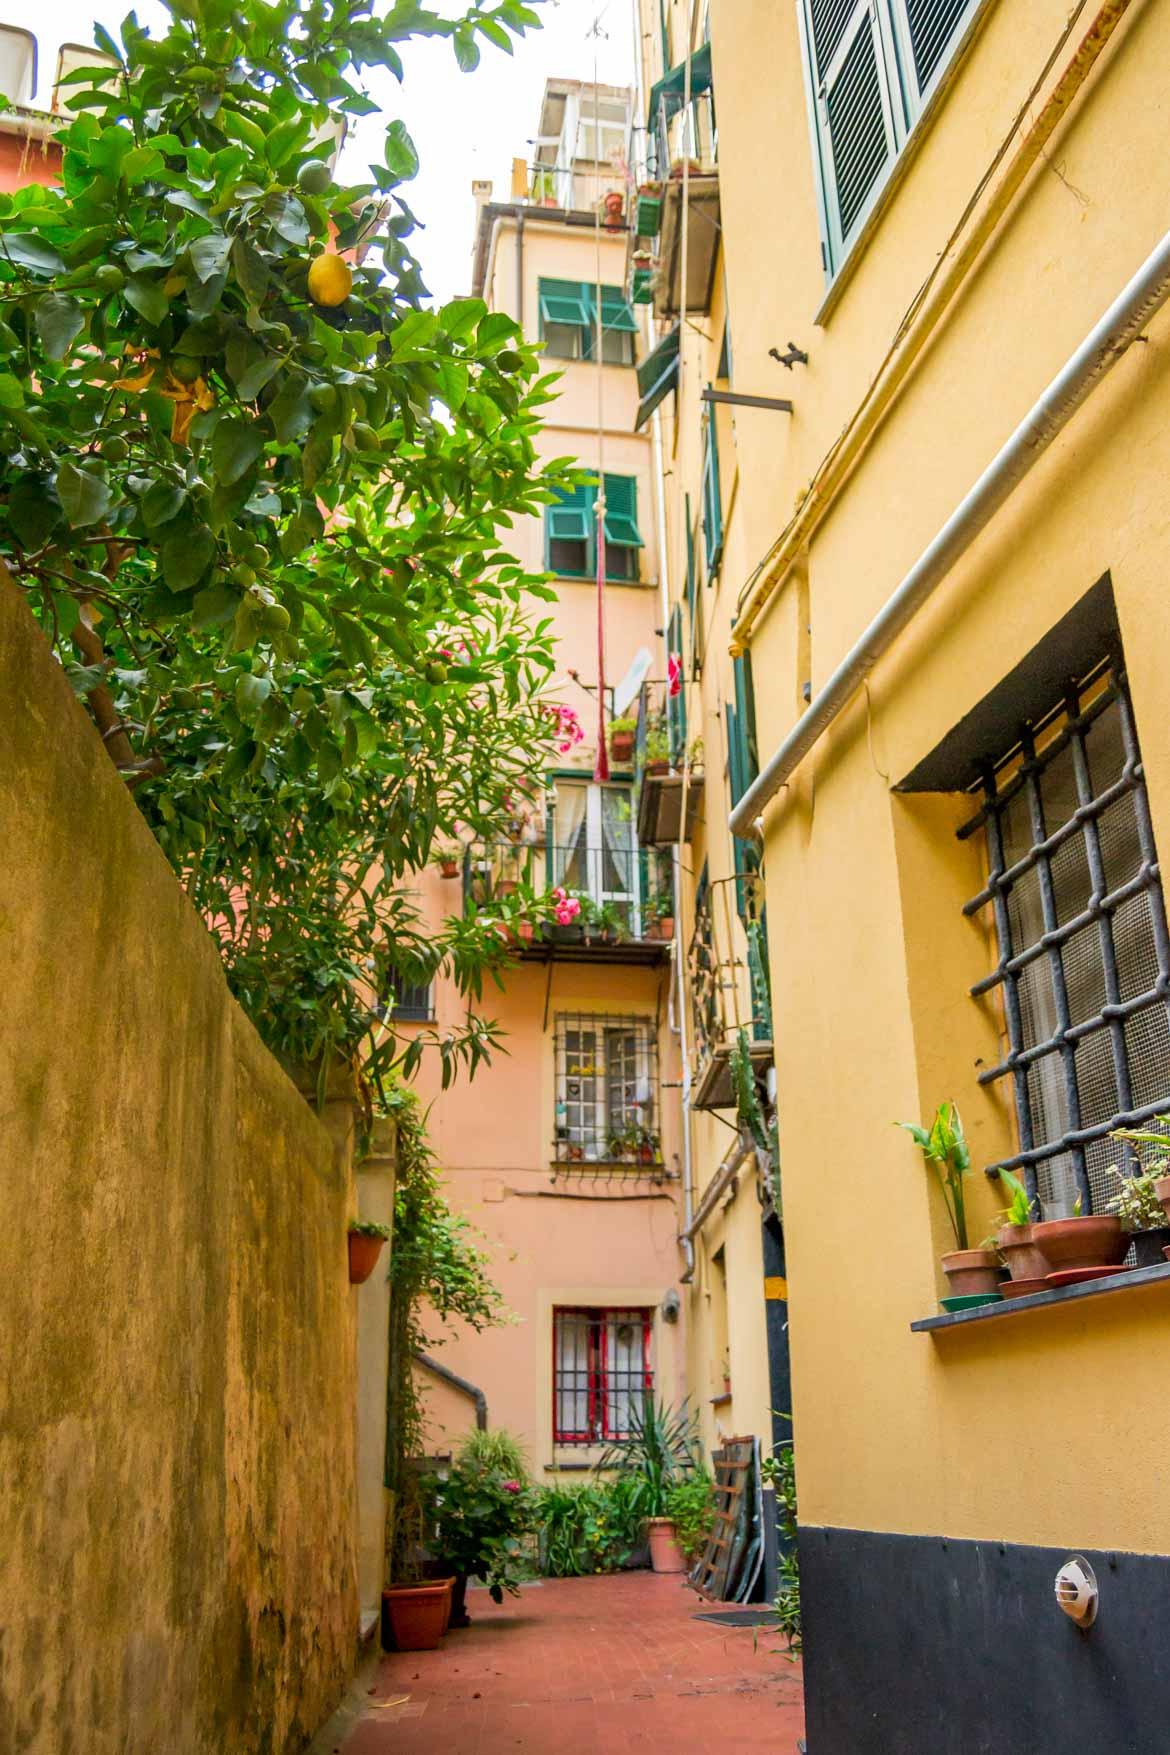 Genova Carmine Piazza Giuggiola cortile - In Viaggio Con Monica